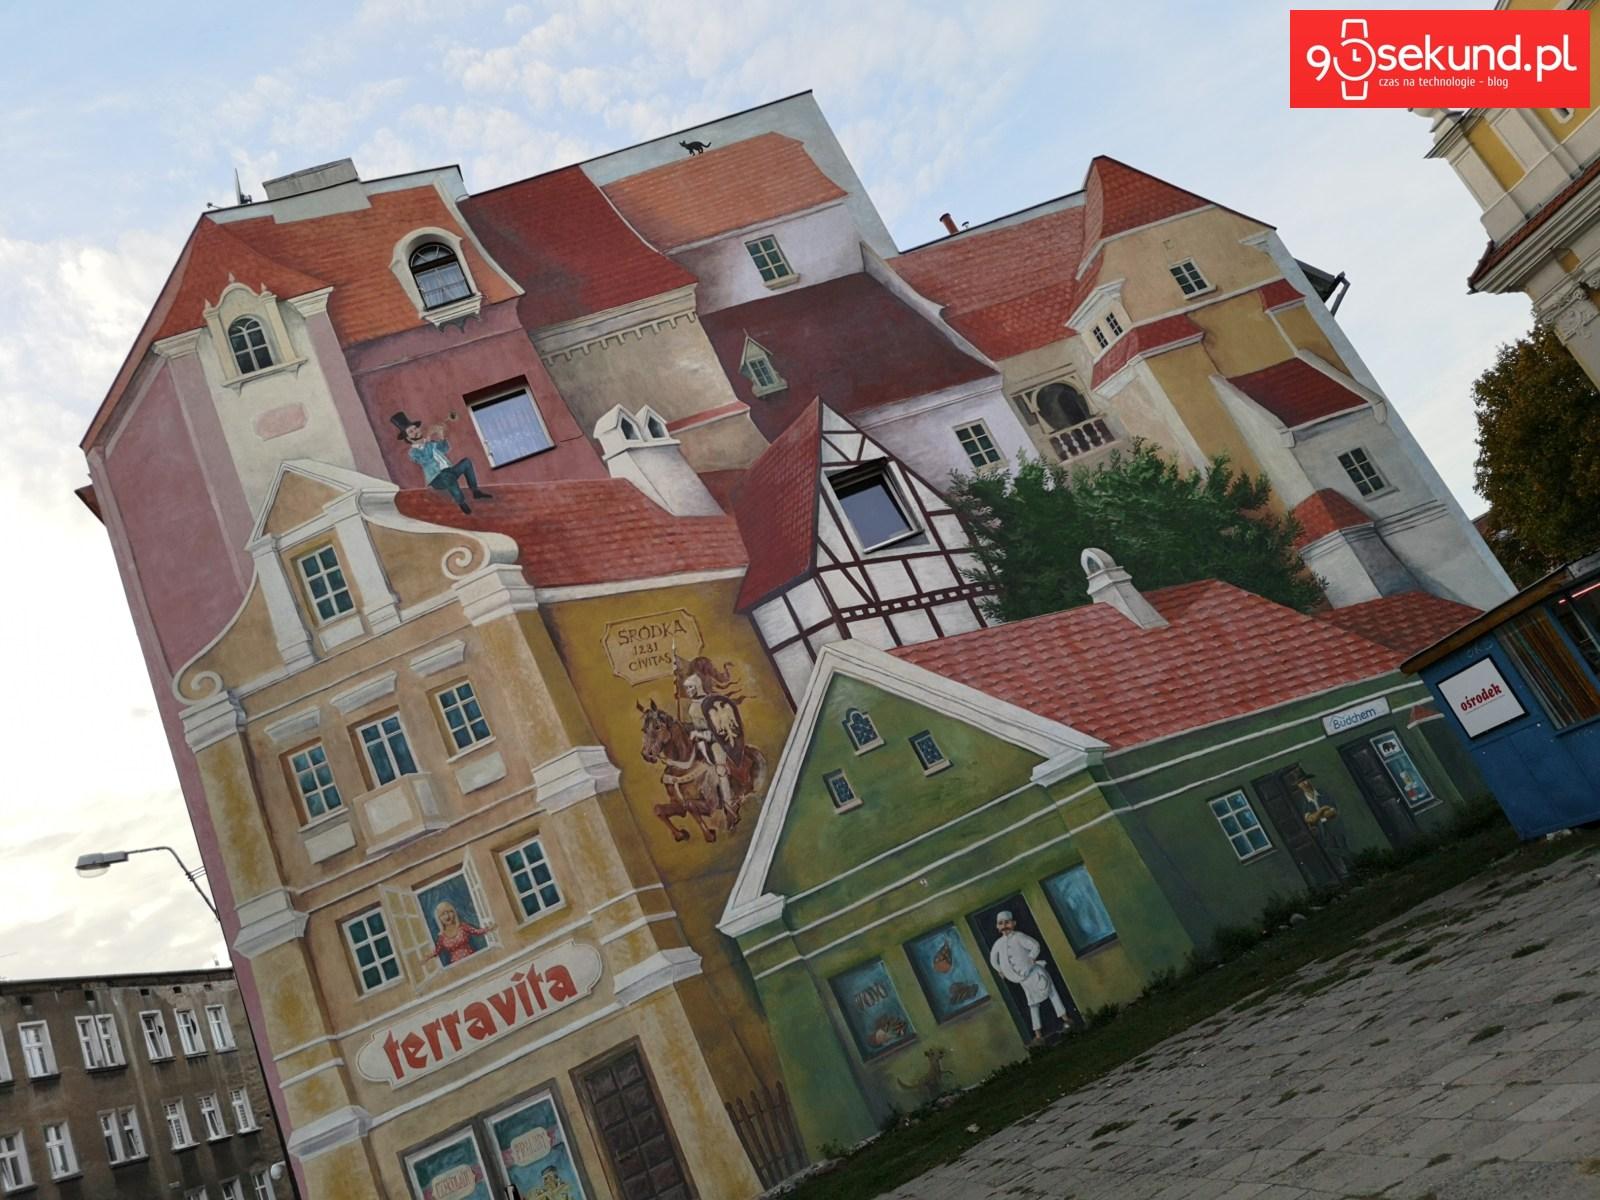 Zdjęcie bez AI - Huawei P20 - 90sekund.pl - Michał Brożyński